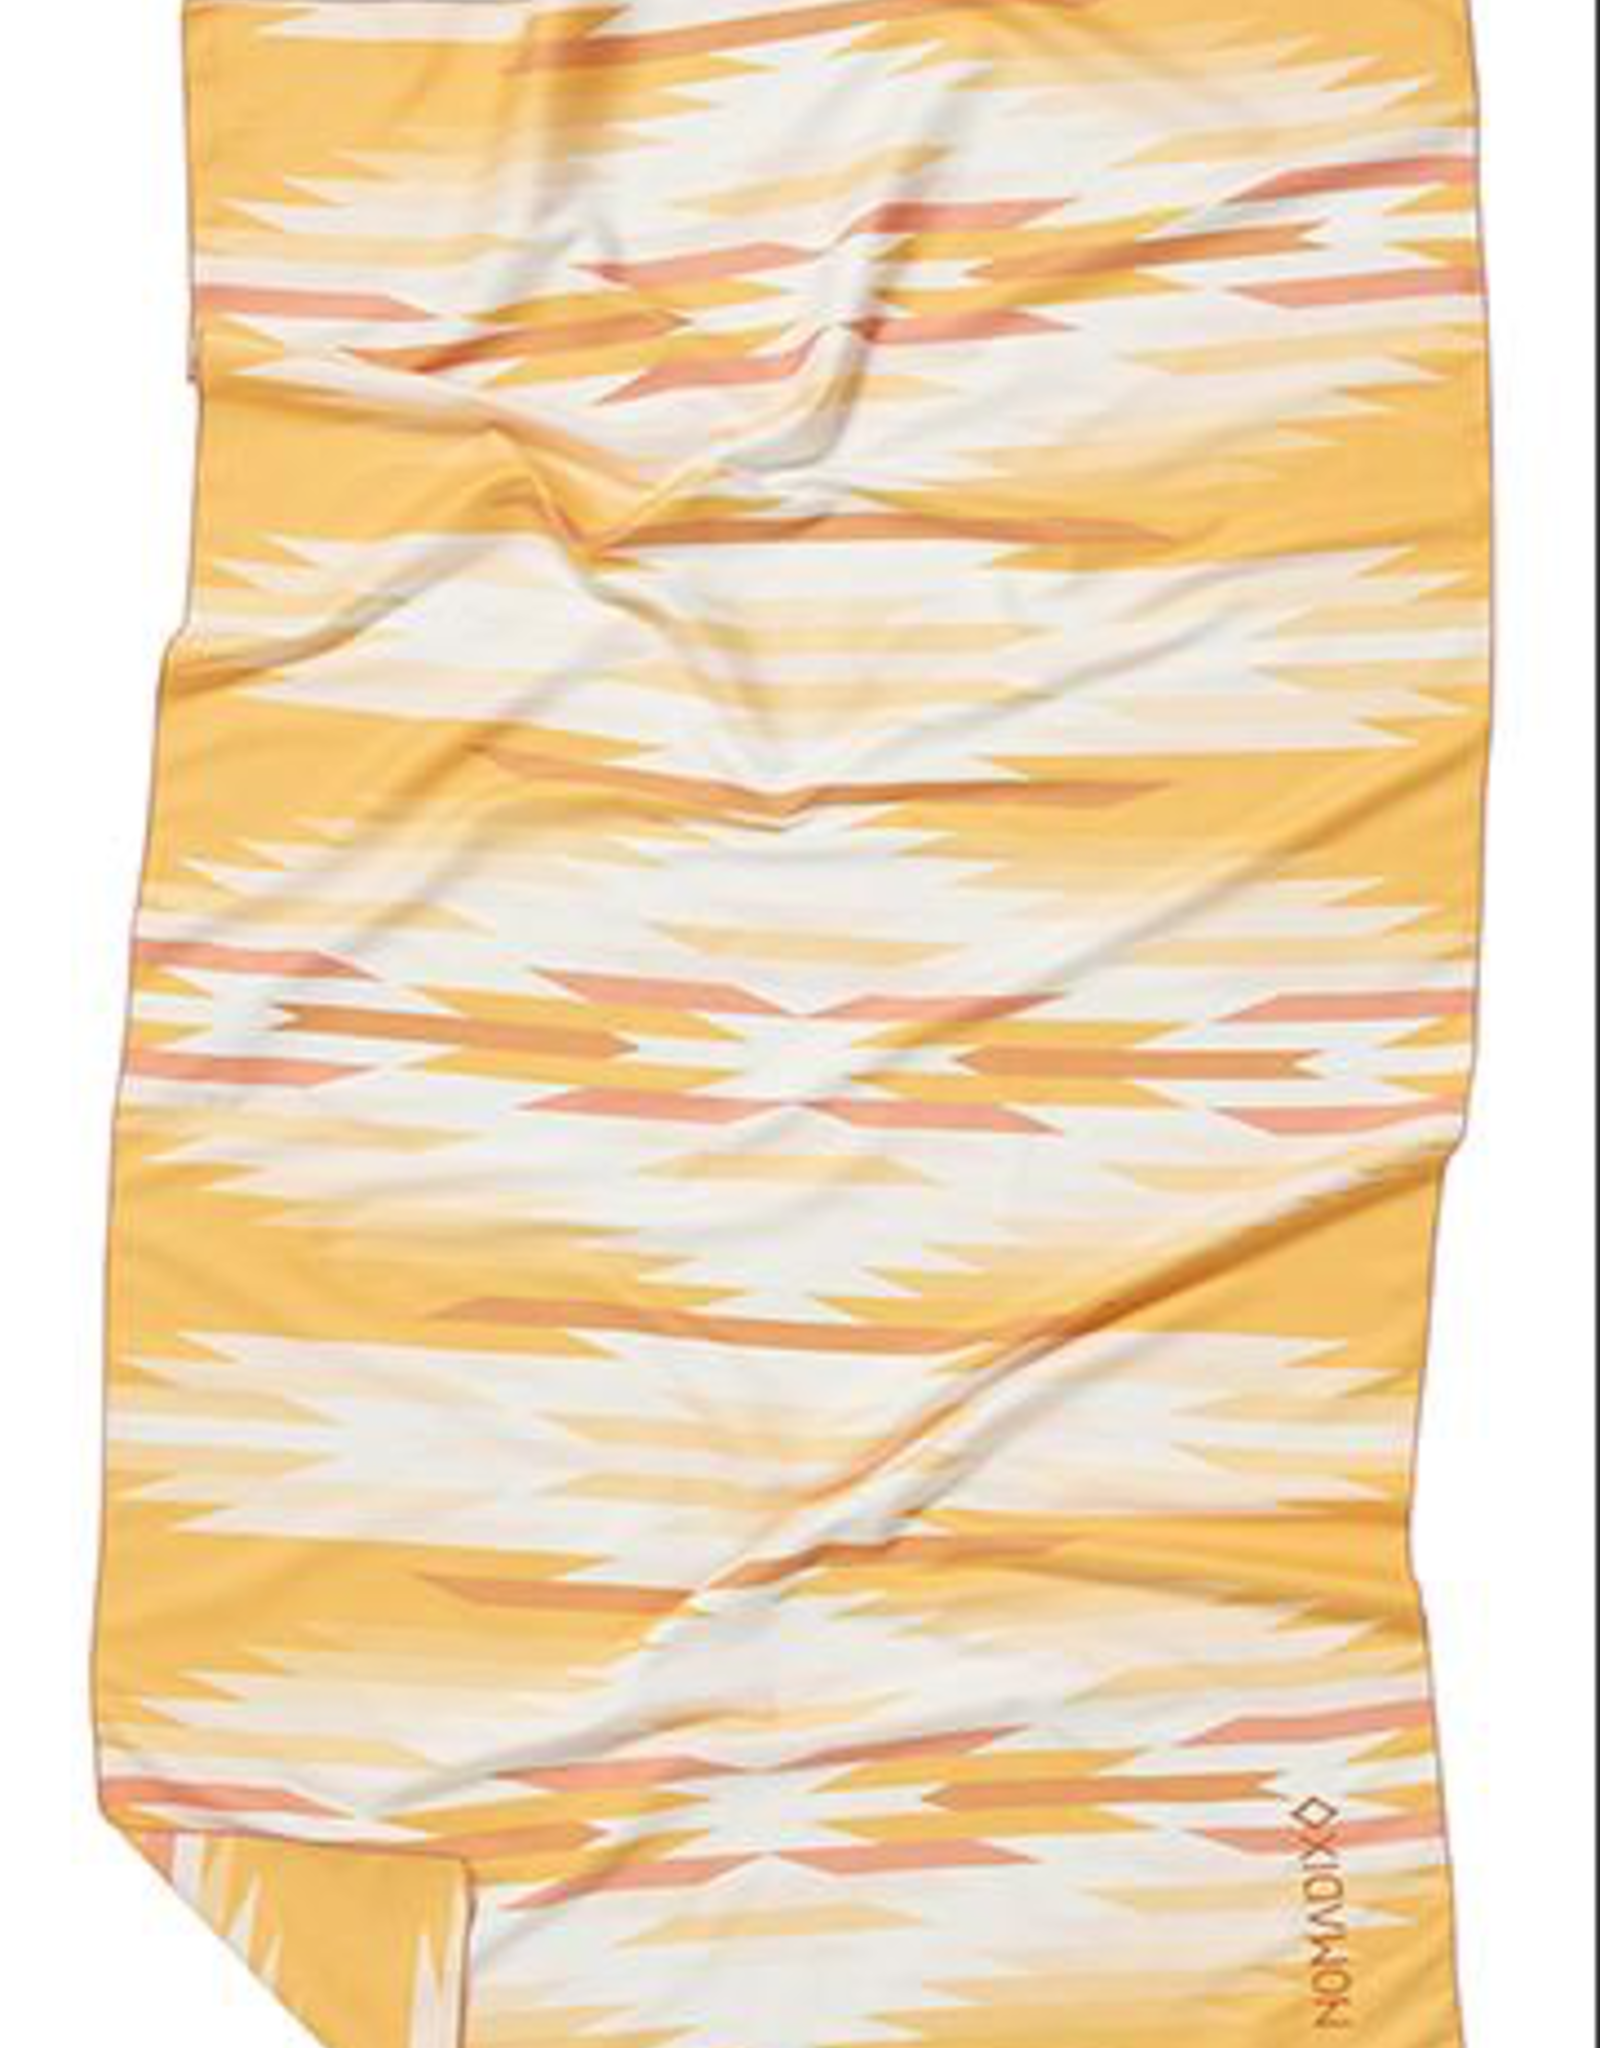 Nomadix NOMADIX UINTA YELLOW ULTRALIGHT TOWEL